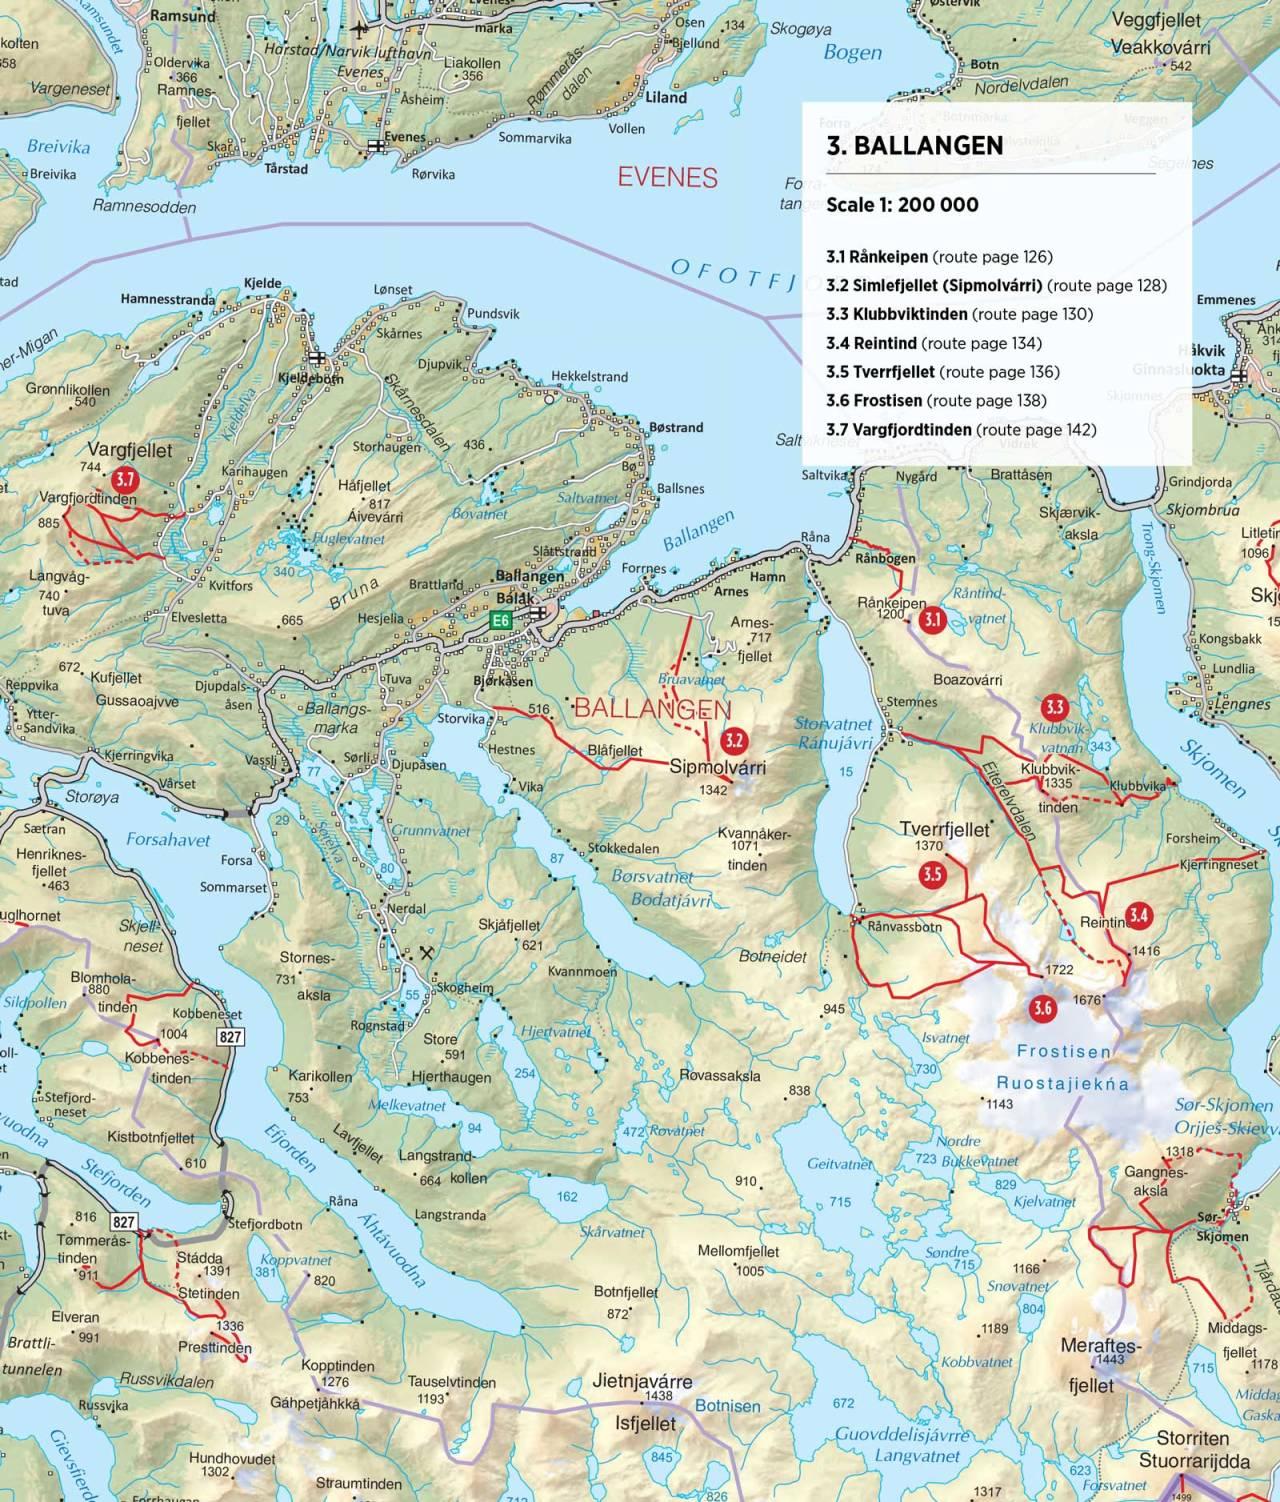 Oversiktskart over Ballangen. Fra Toppturer rundt Narvik.